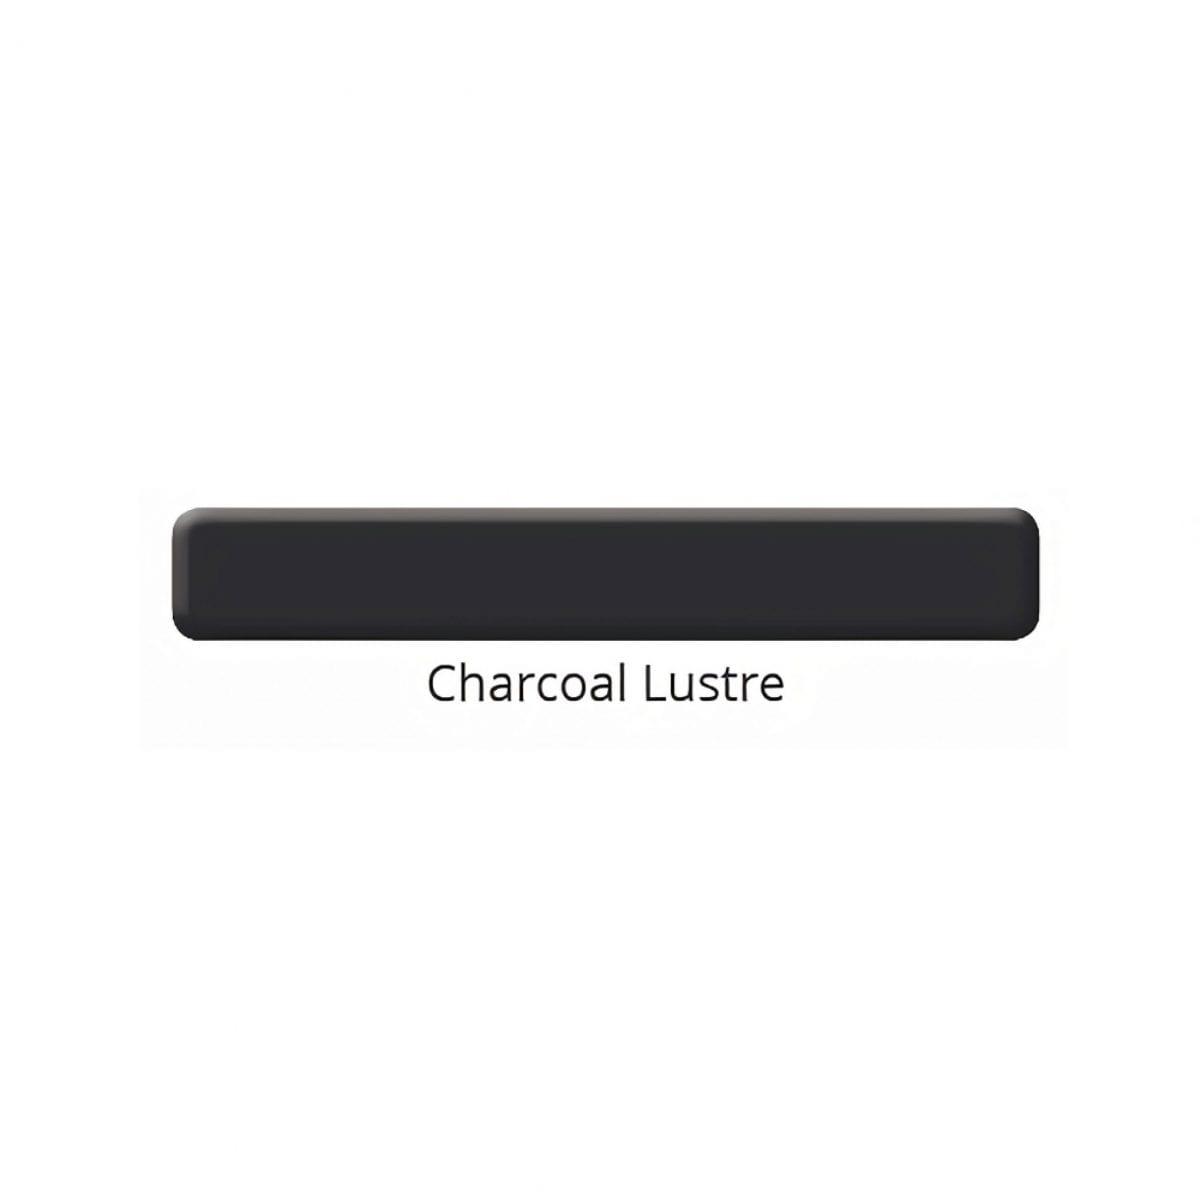 Charcoal Lustre color